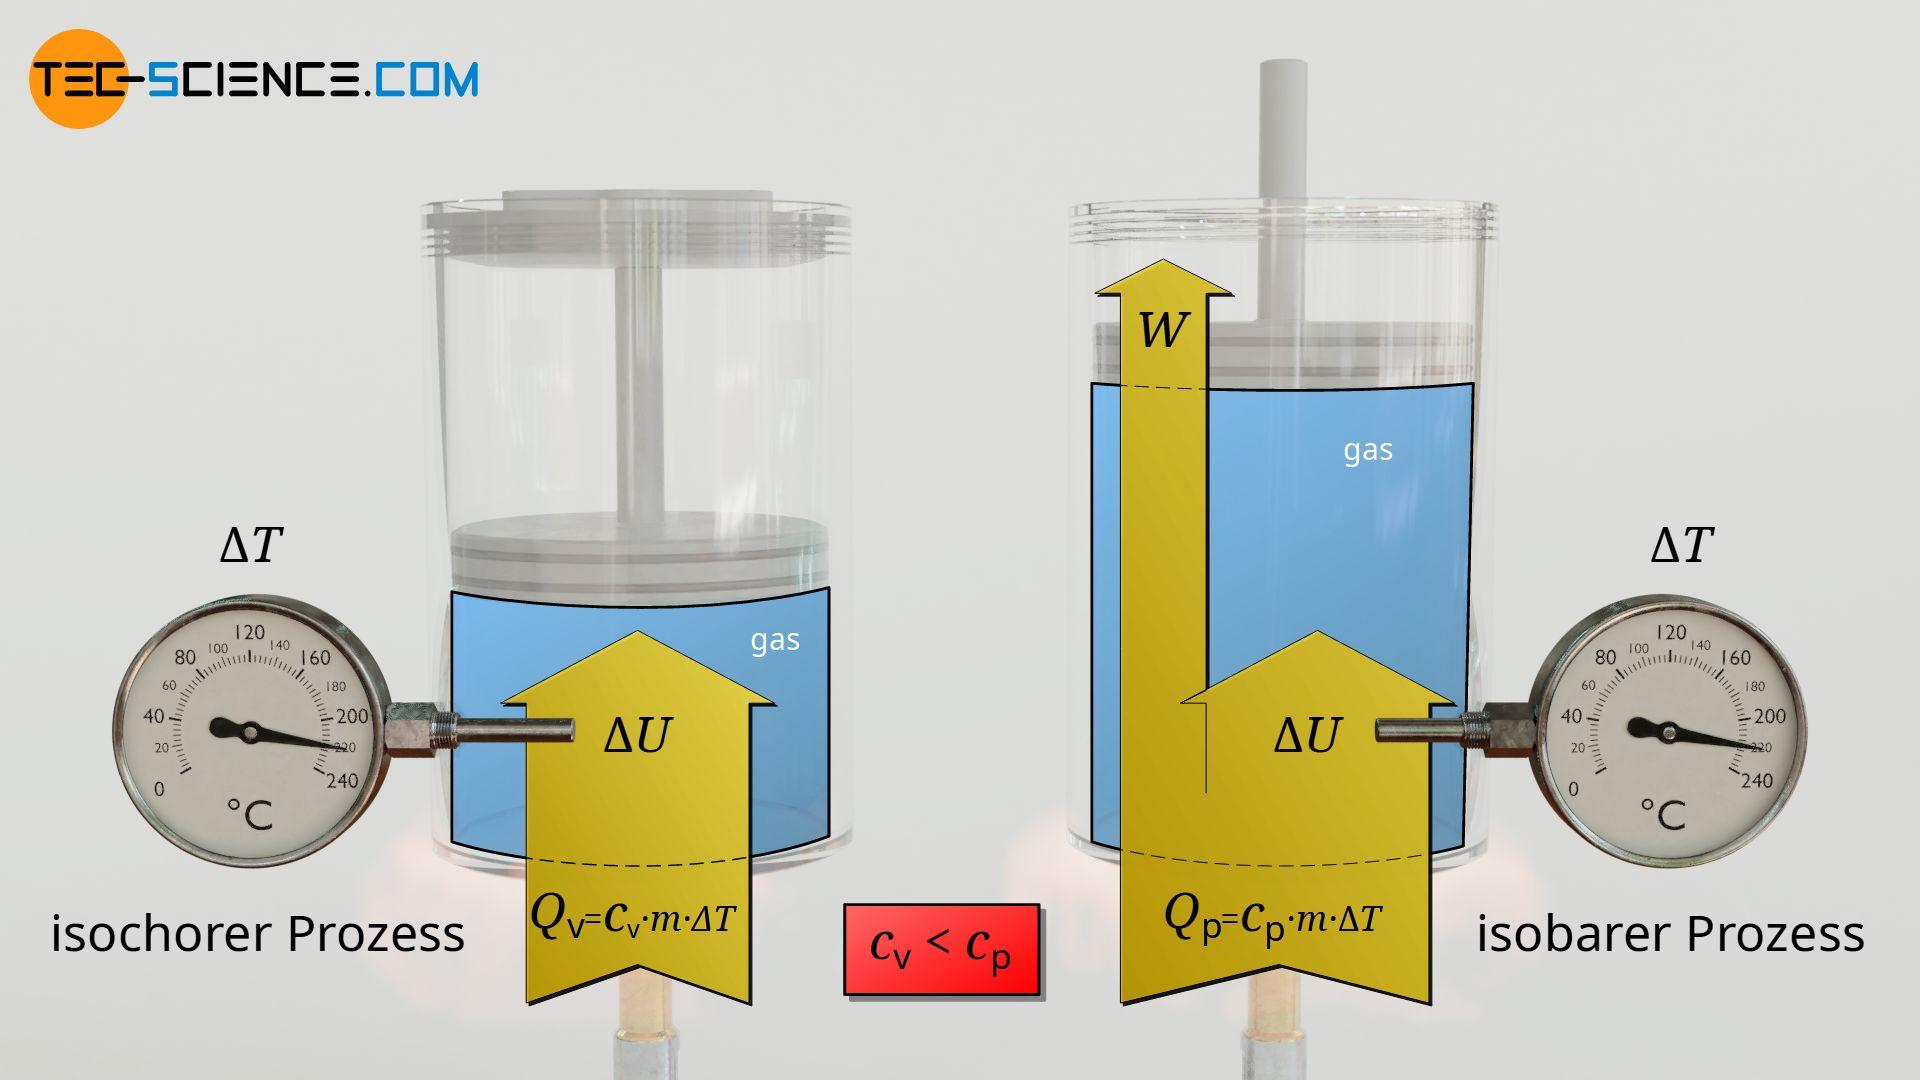 Vergleich der spezifischen Wärmekapazität bei einem isochoren Prozess und einem isobaren Prozess